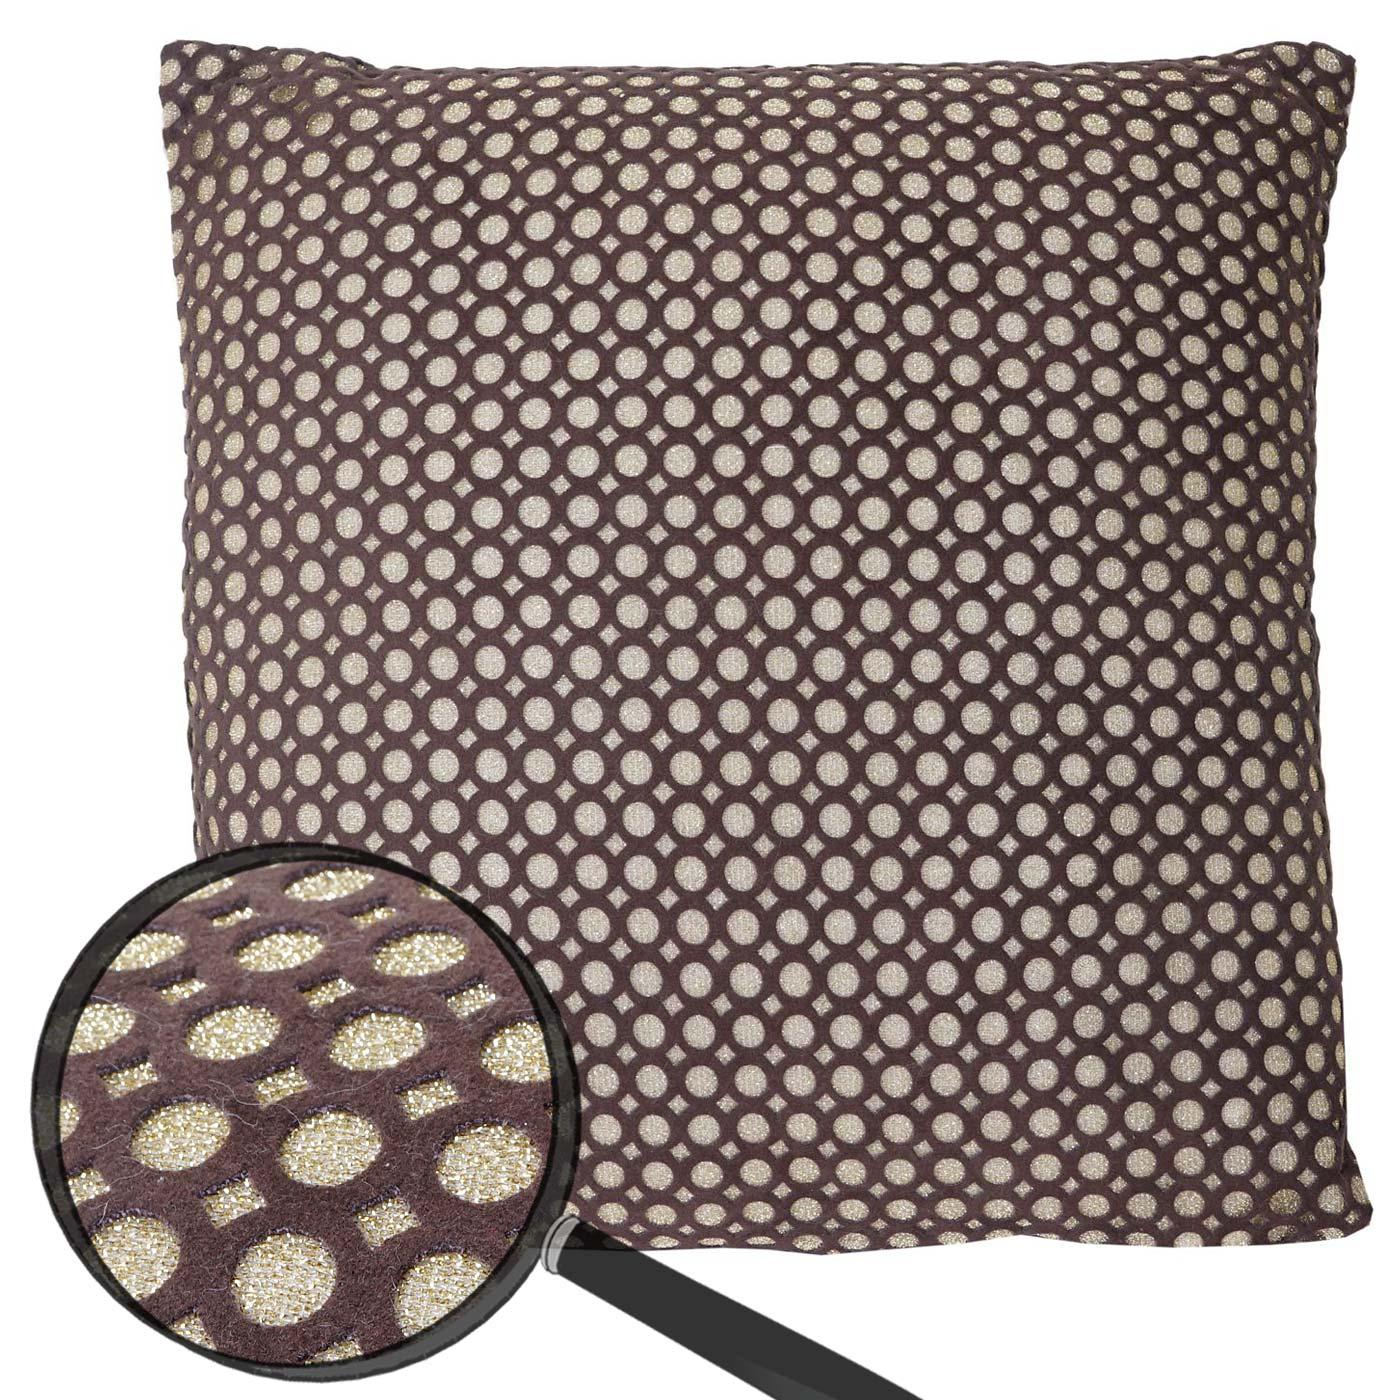 deko kissen gold sofakissen zierkissen mit f llung braun glanz effekt 40x40cm. Black Bedroom Furniture Sets. Home Design Ideas